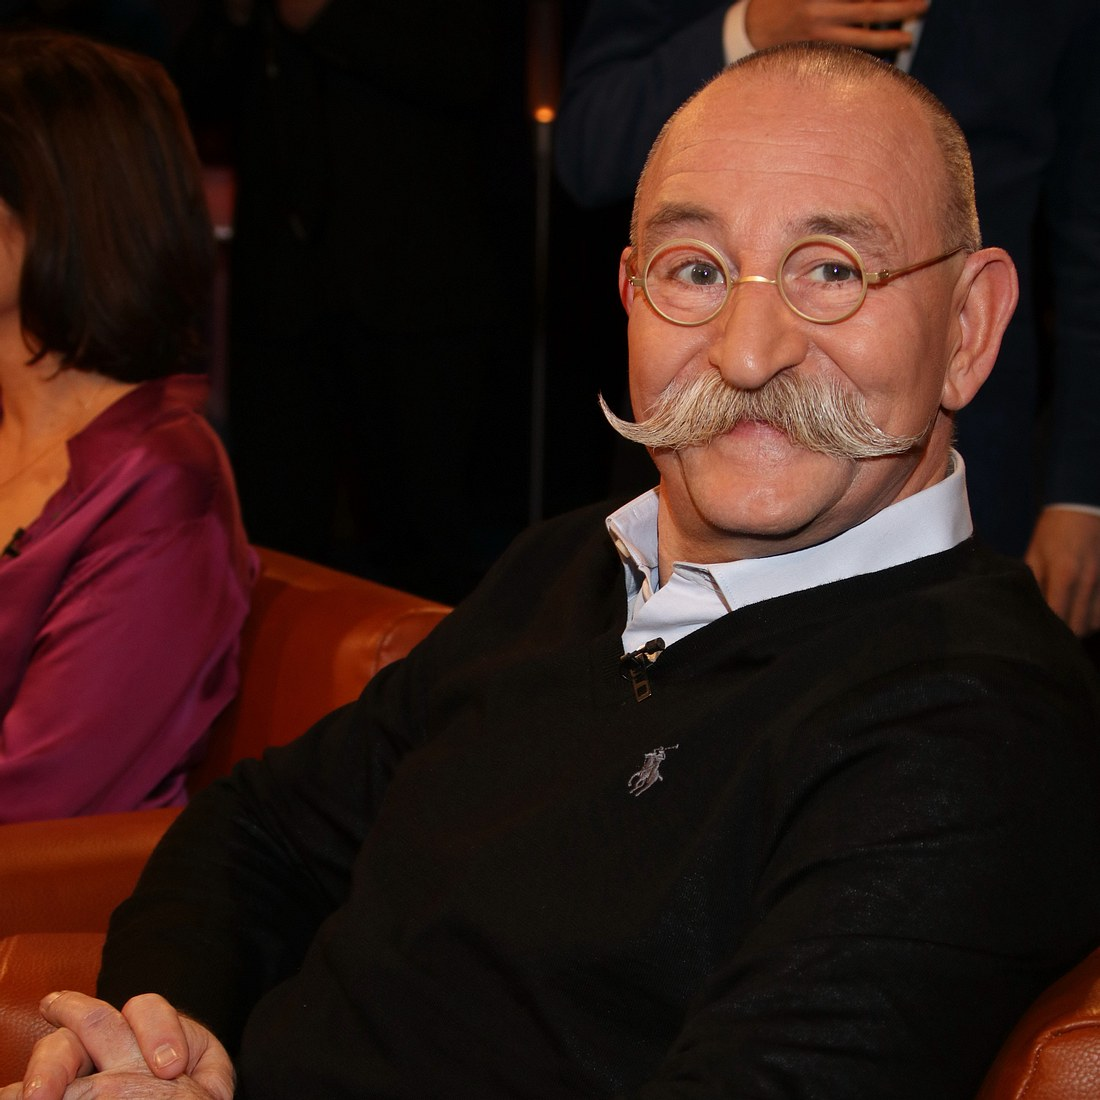 Schwere Vorwürfe gegen Horst Lichter